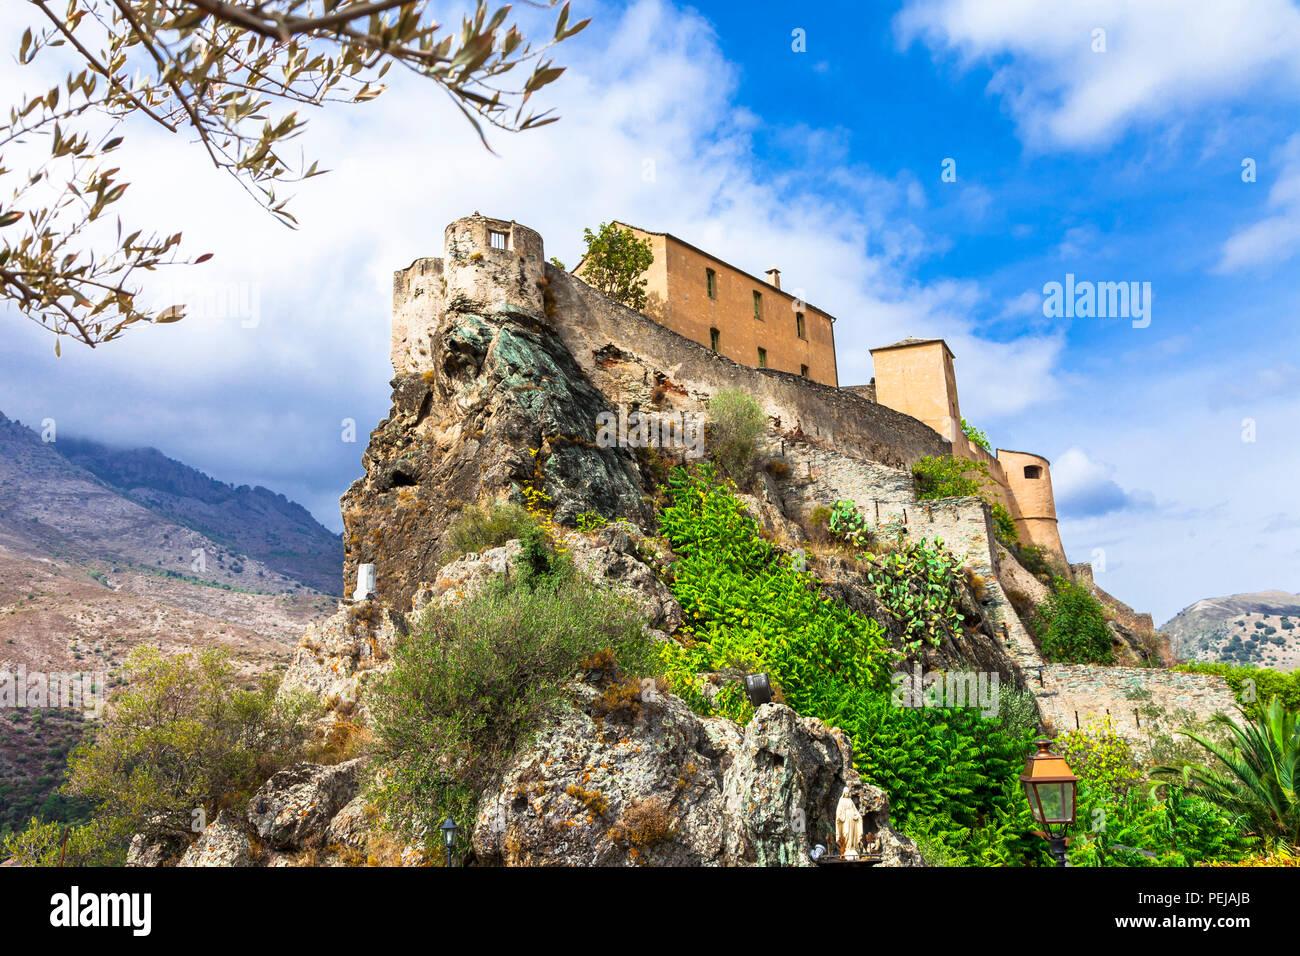 Impressive castle in Corte village,Corse,France. - Stock Image